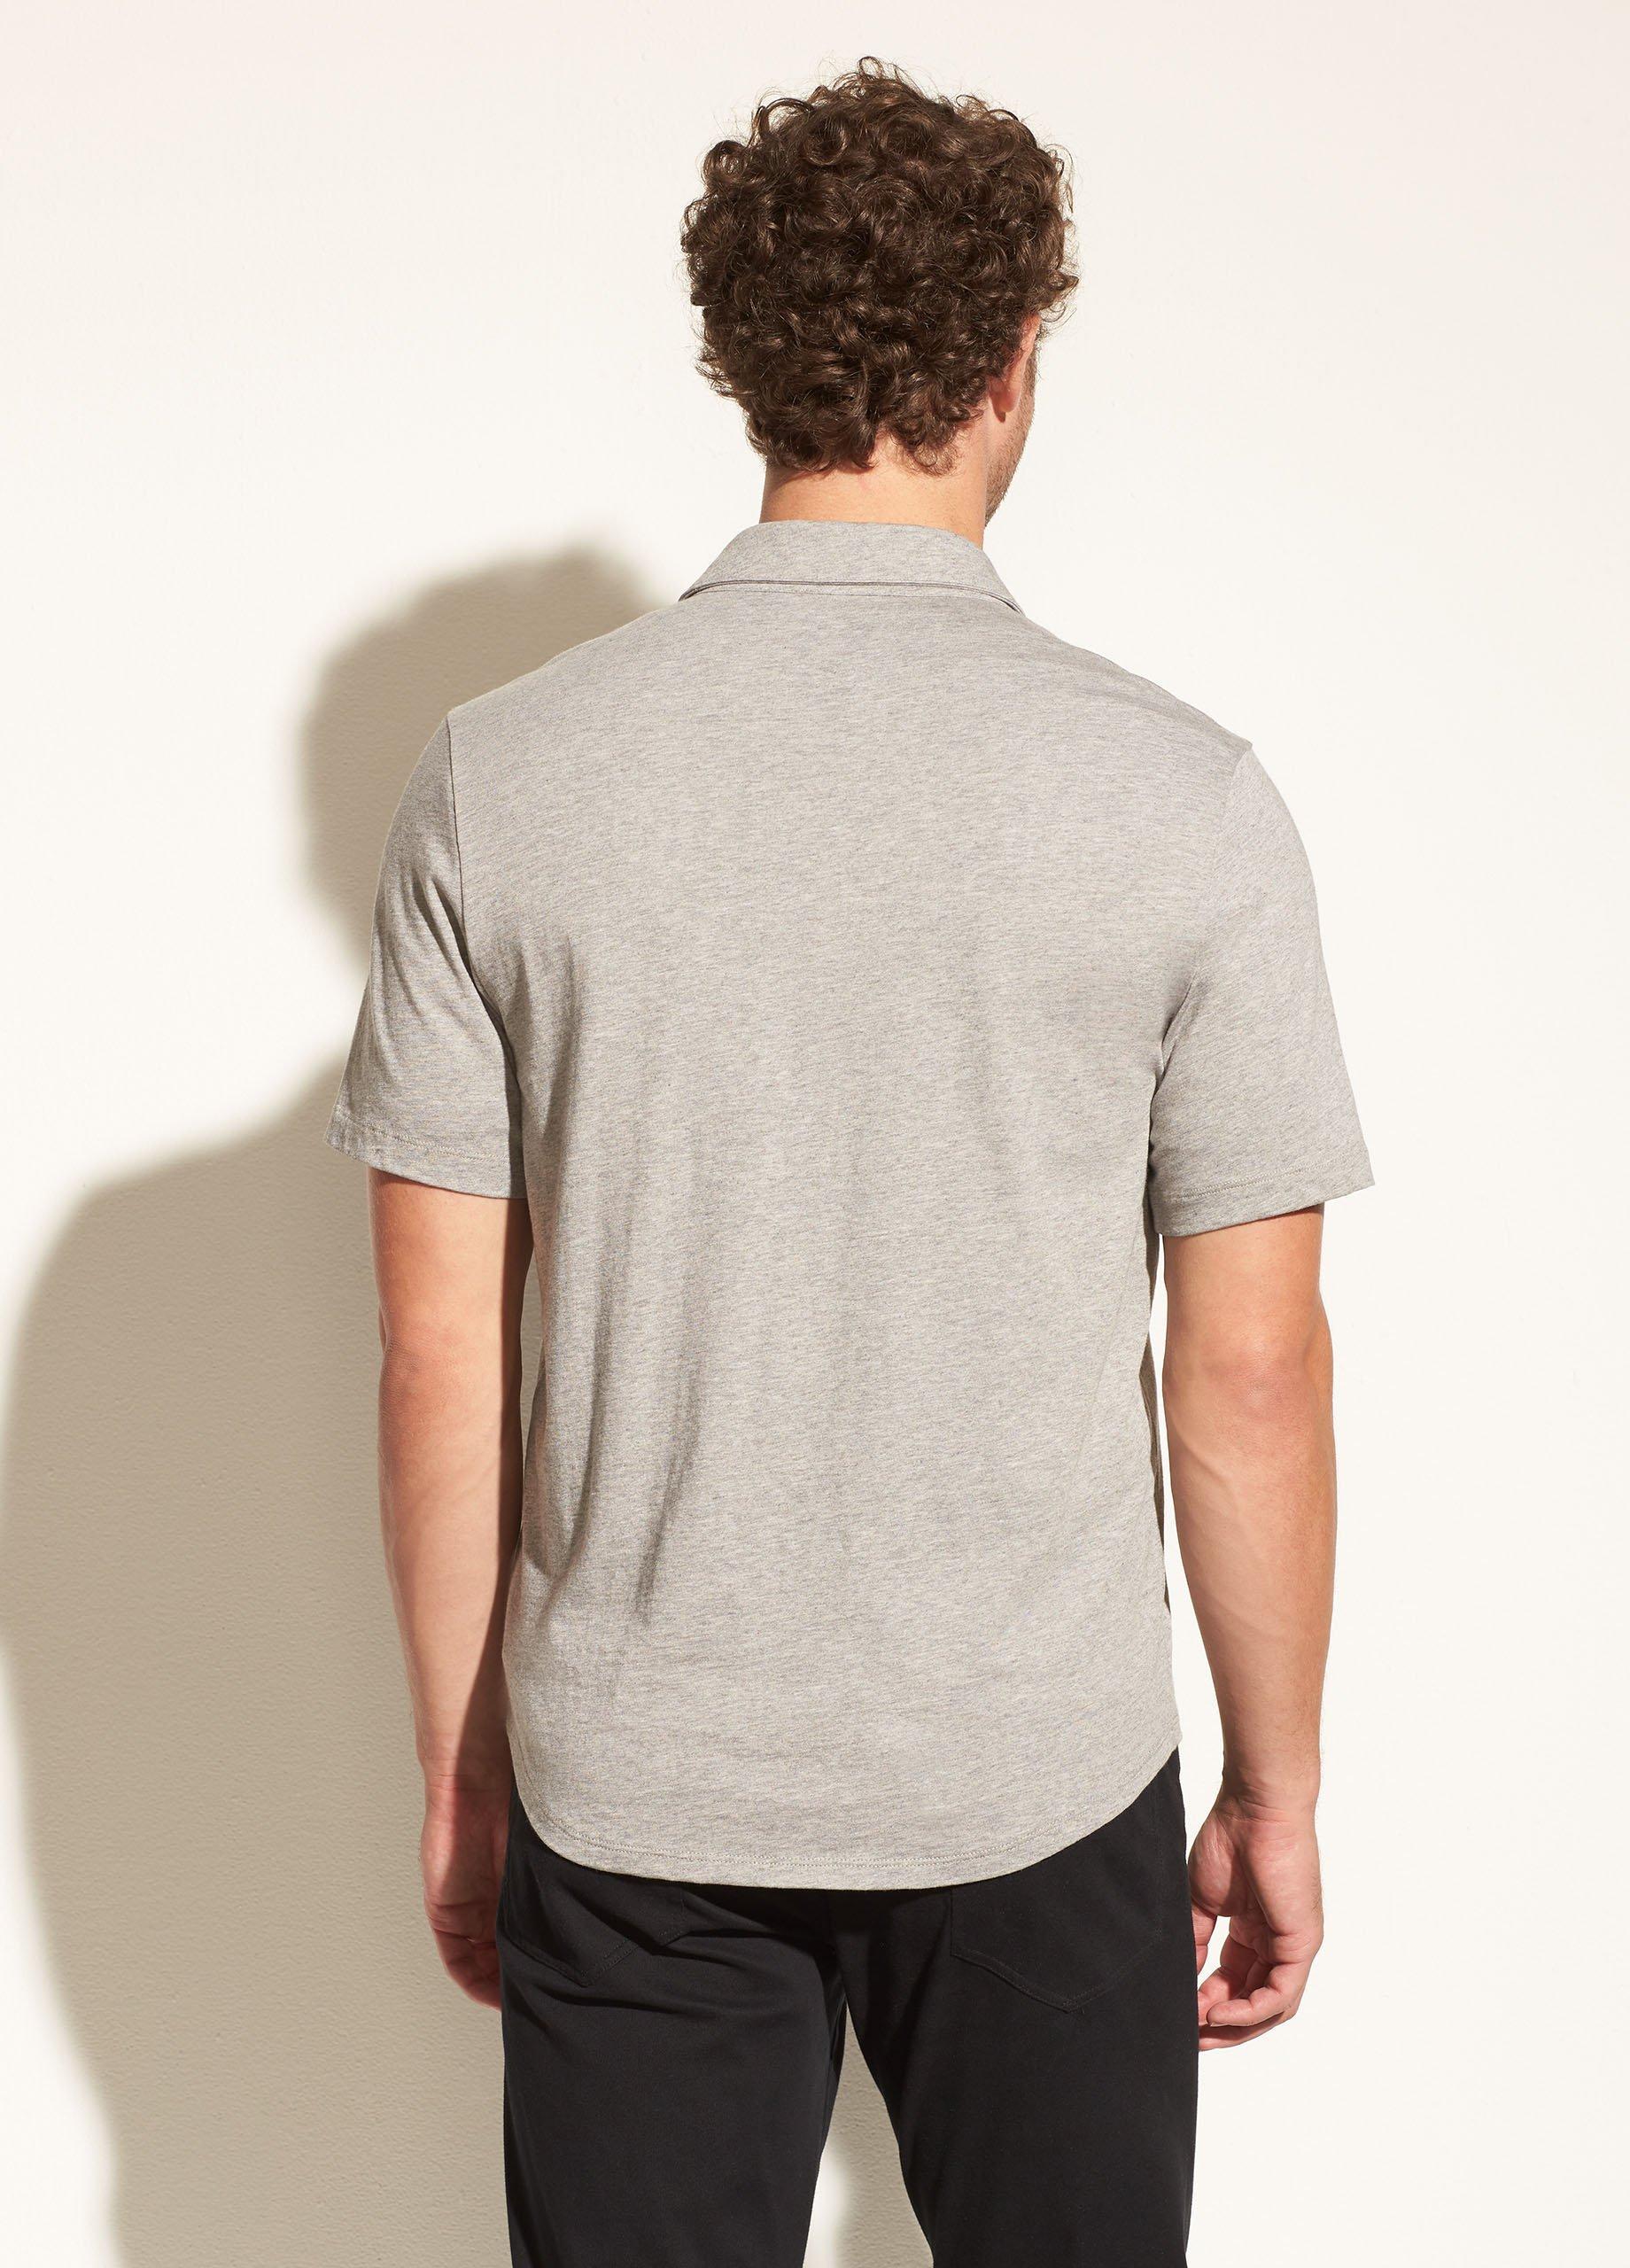 Pima Jersey Short Sleeve Button Down Shirt